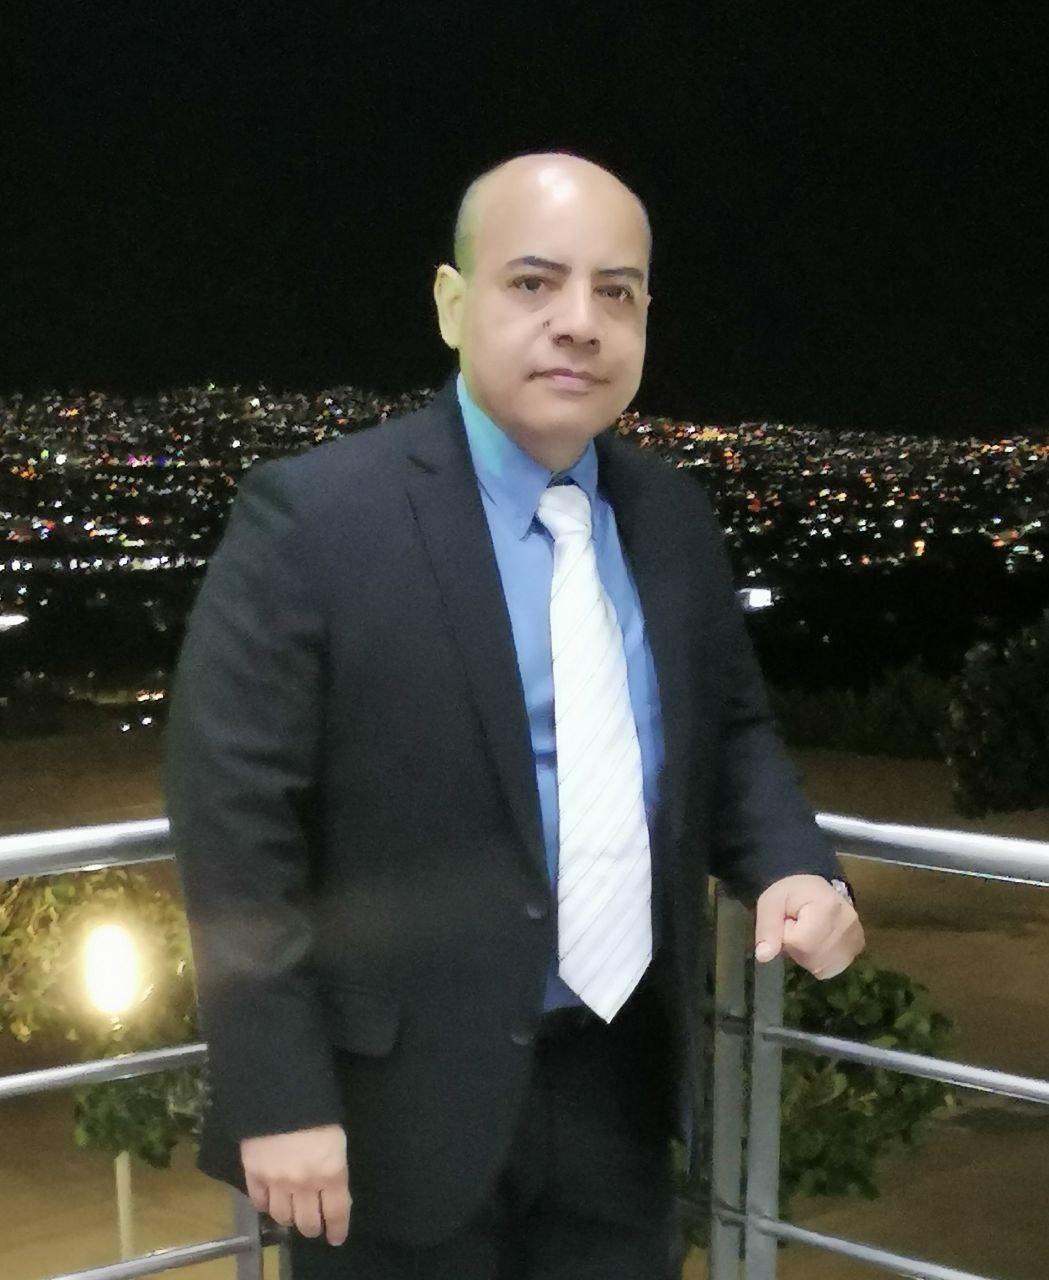 Médico especialista en Medicina Física y Rehabilitación. Dr. Guillermo Hernandez M.